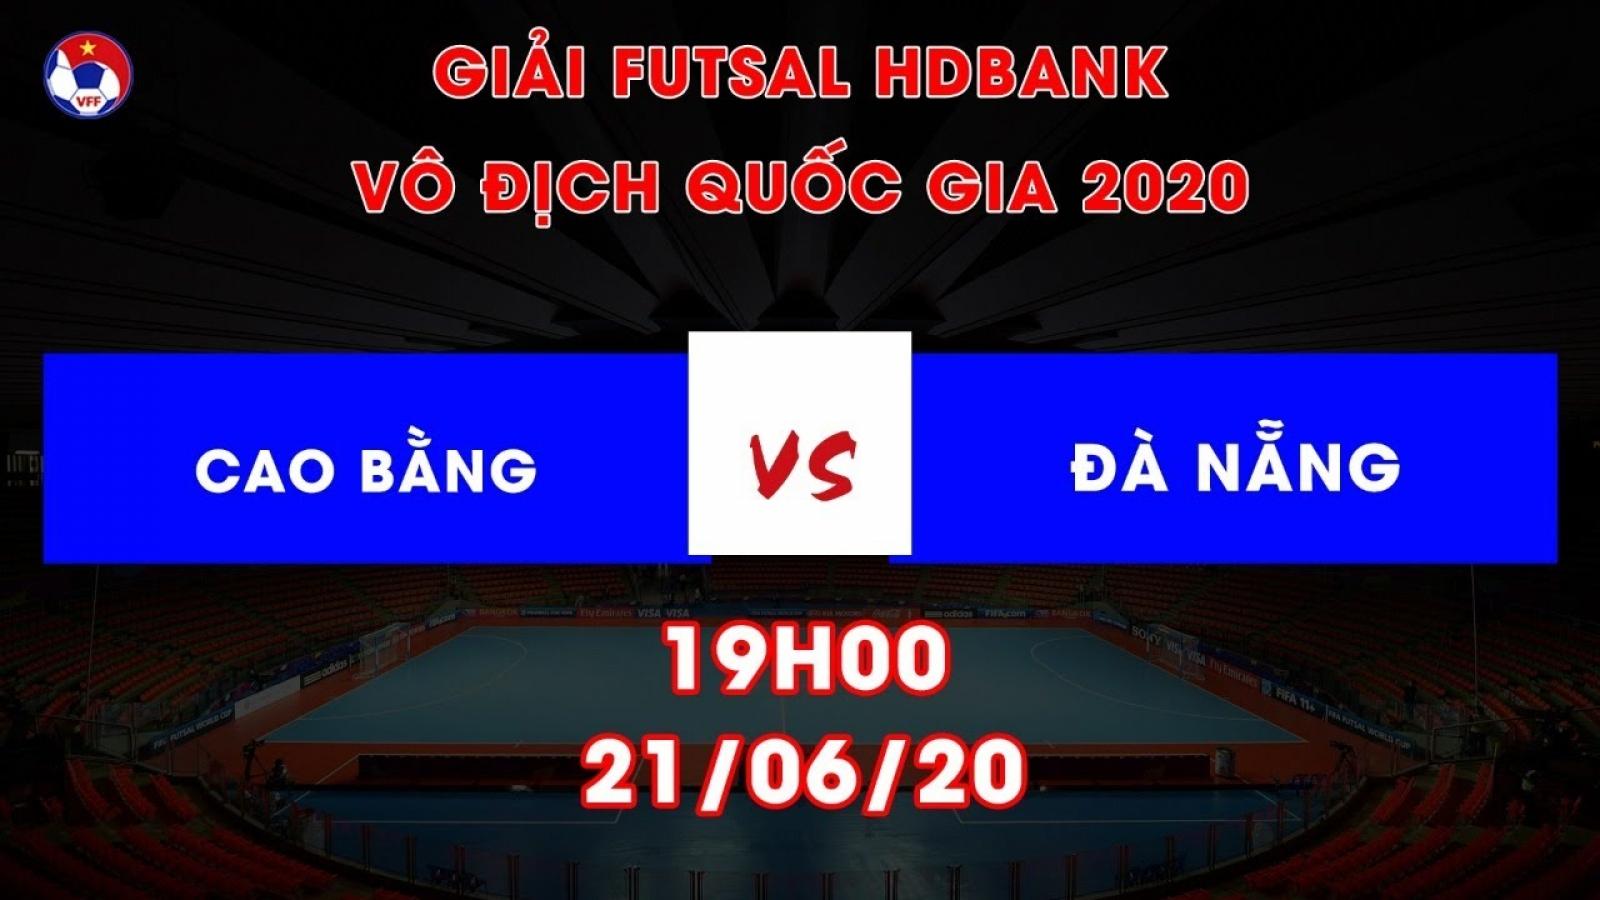 Xem trực tiếp Cao Bằng - Đà Nẵng Giải Futsal HDBank VĐQG 2020